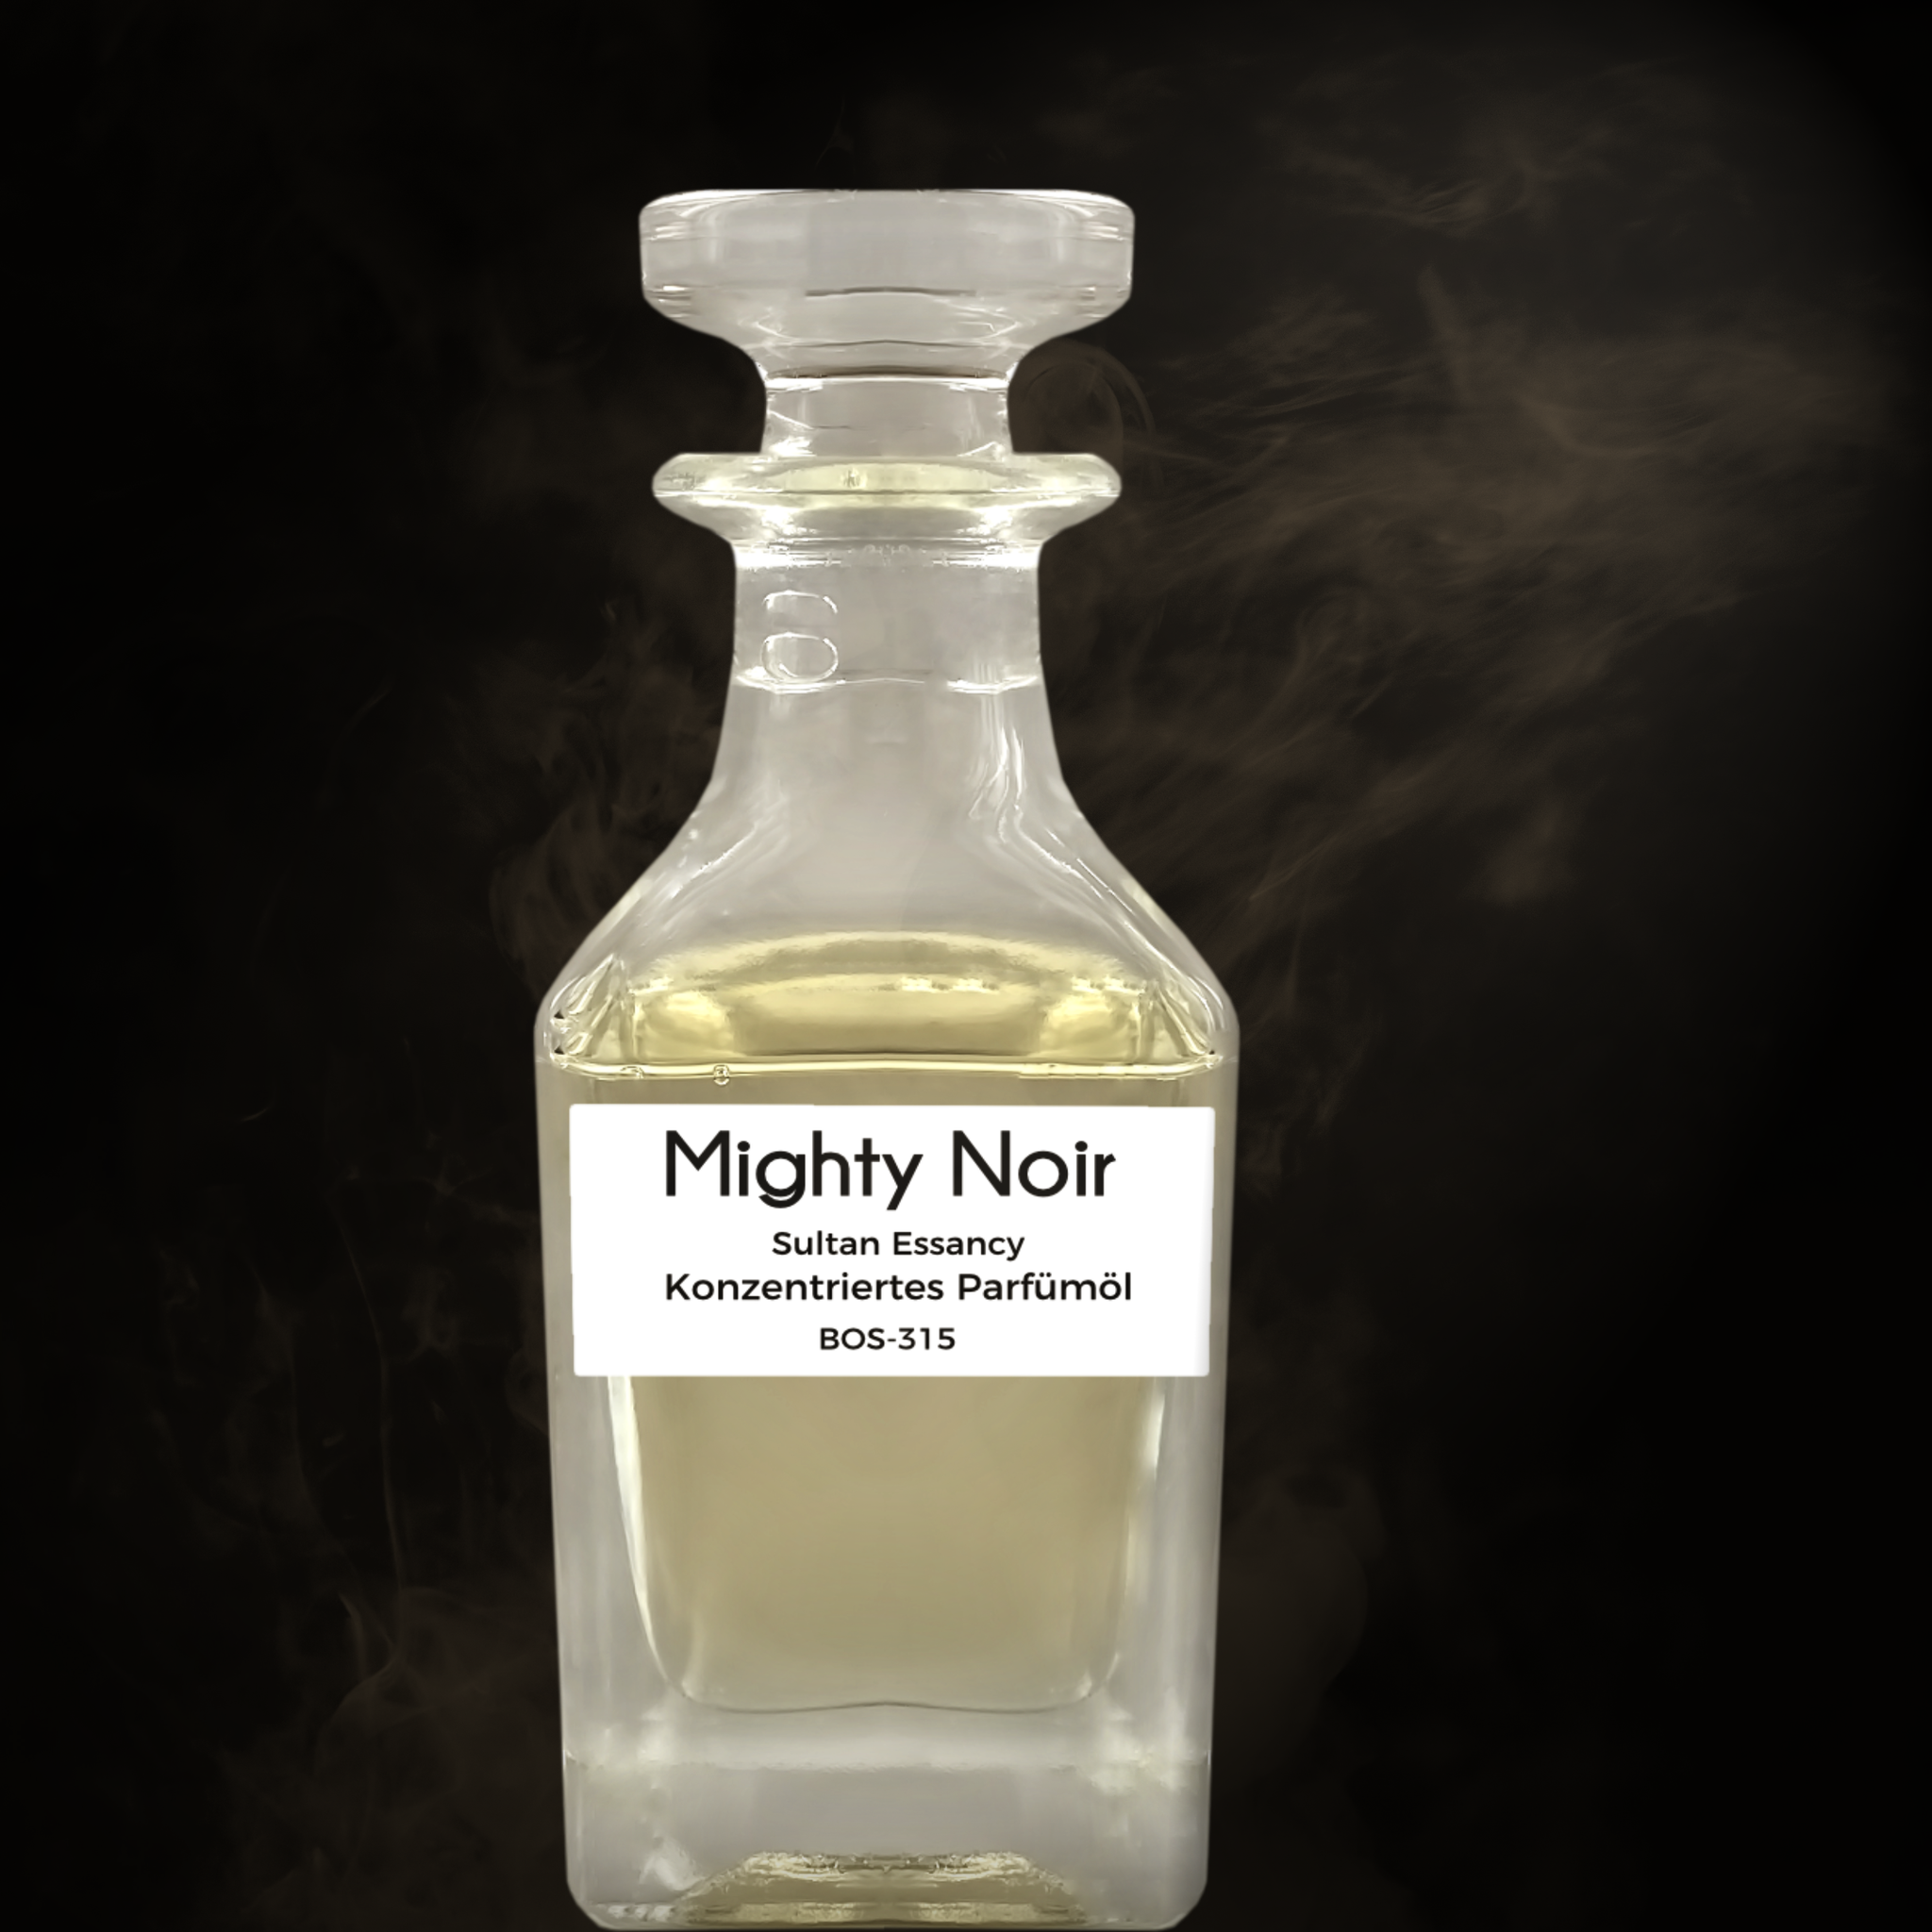 Parfümöl Attar Mighty Noir von Sultan Essancy